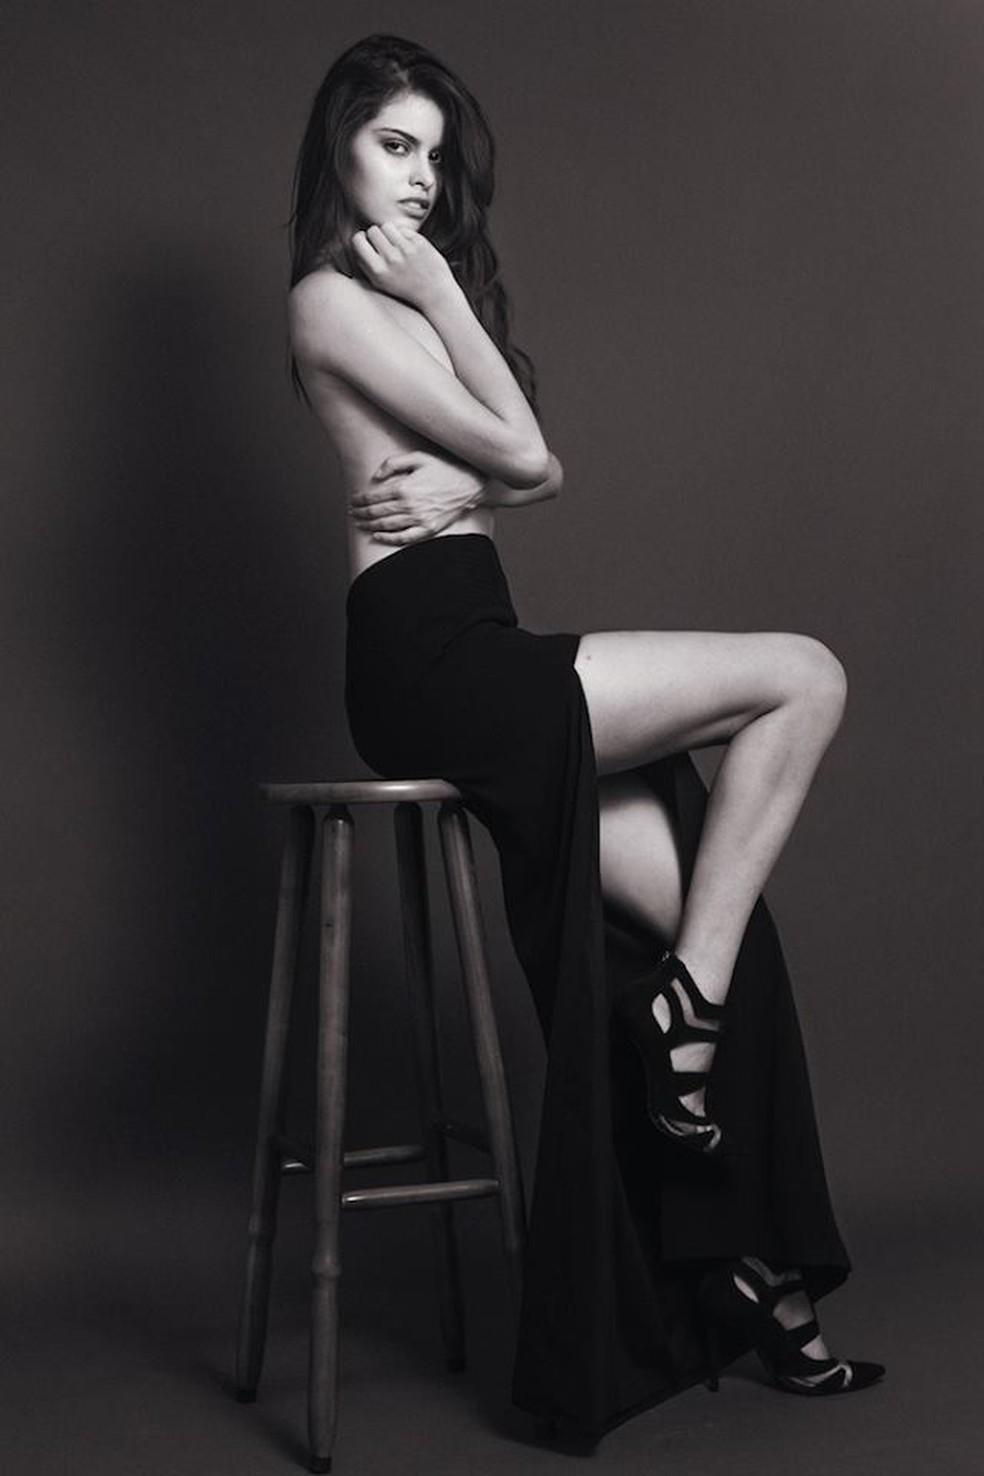 Miss atua como modelo e já participou de desfiles (Foto: Divulgação)